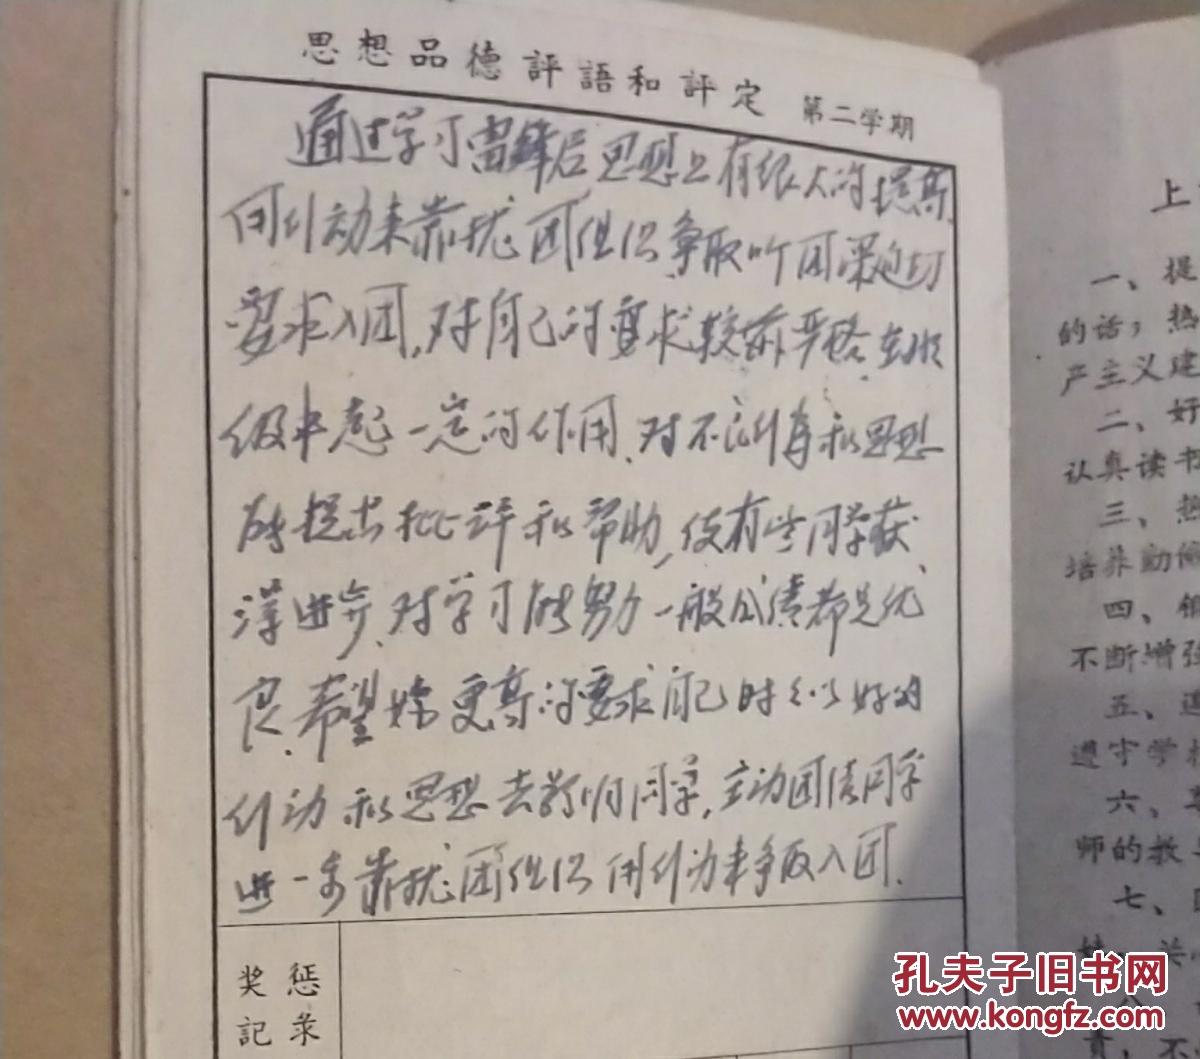 真实填写的上海中学生手册,1960年代上海第十五十初中v手册篇图片